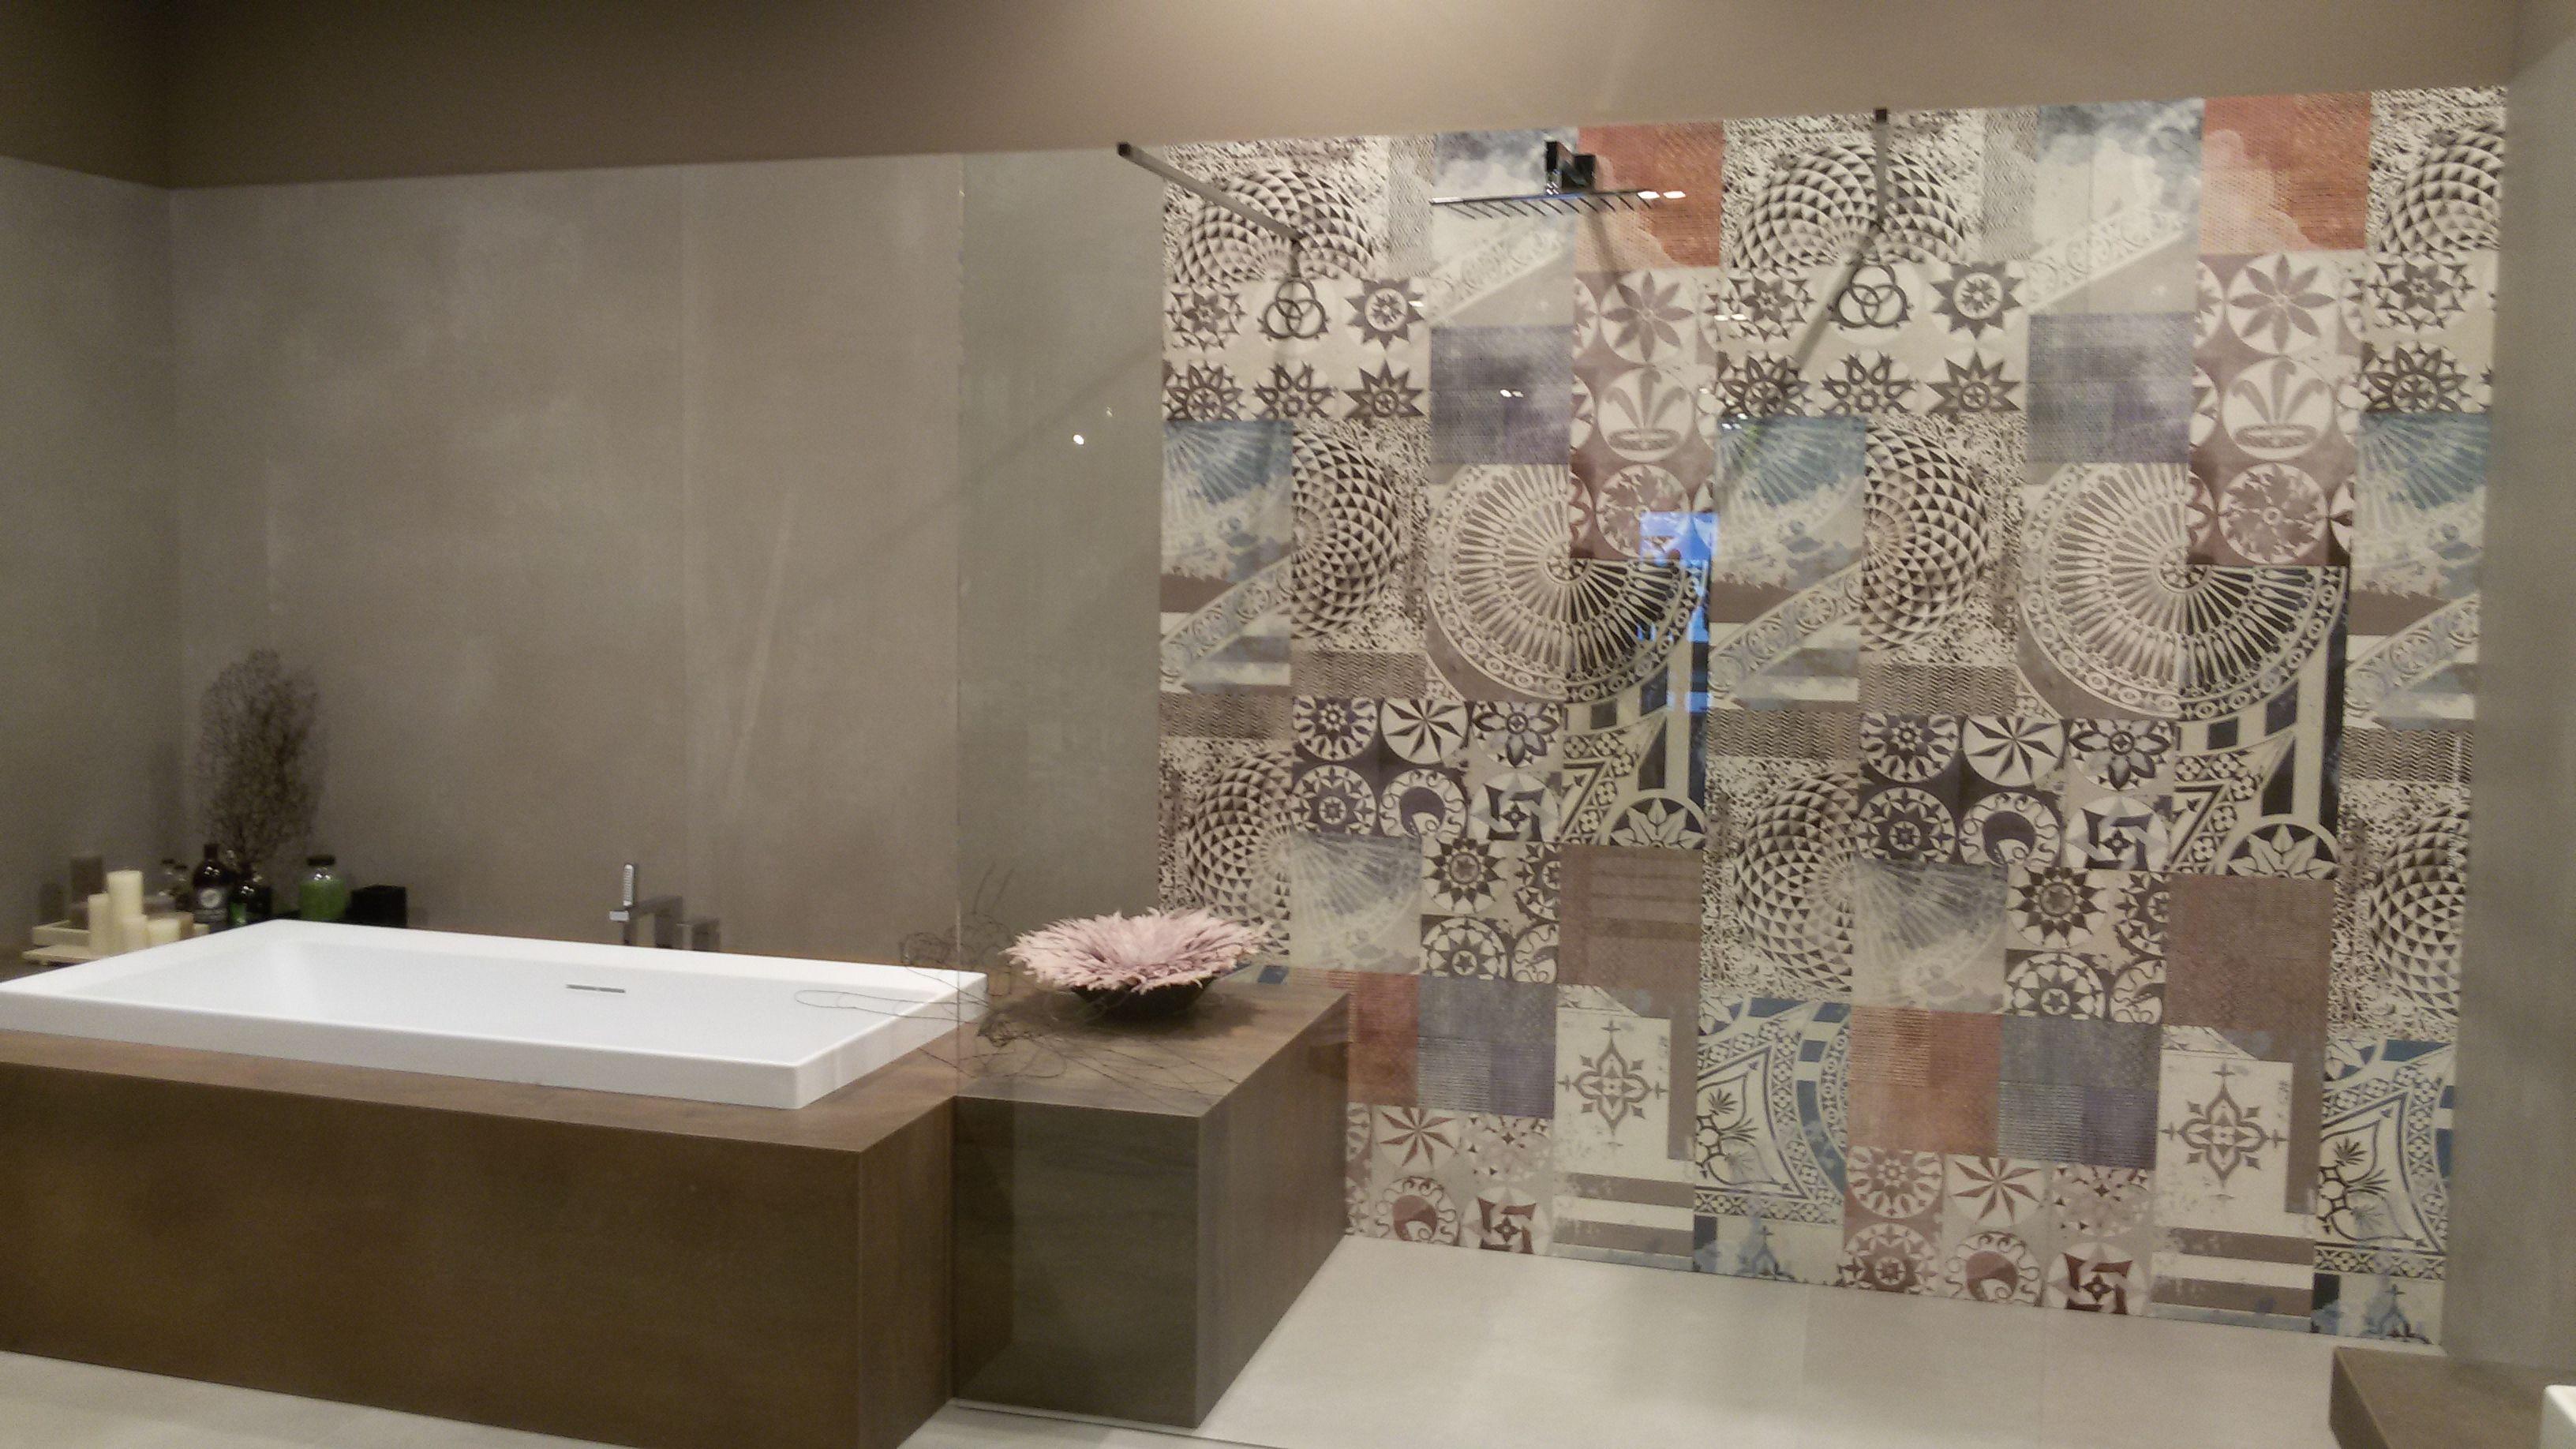 Ceramiche vasca da bagno product by abk edilhasta for Ceramiche da bagno